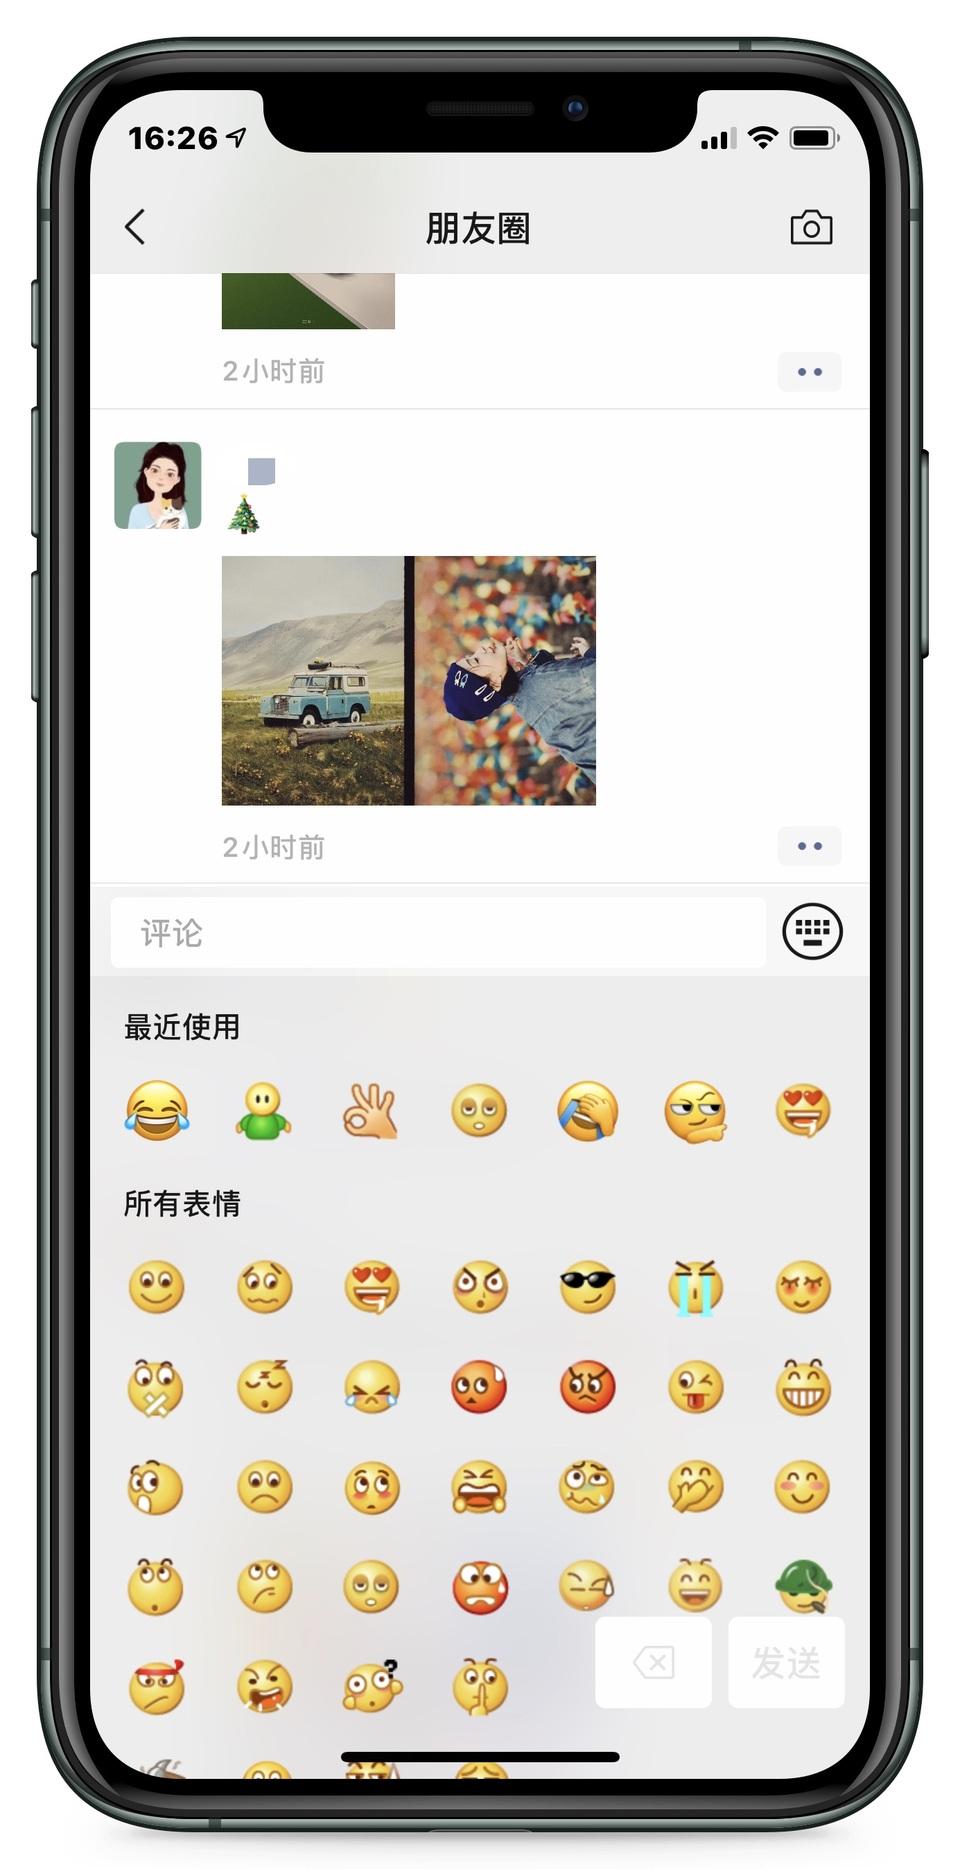 微信确认关闭朋友圈评论表情包功能的照片 - 2